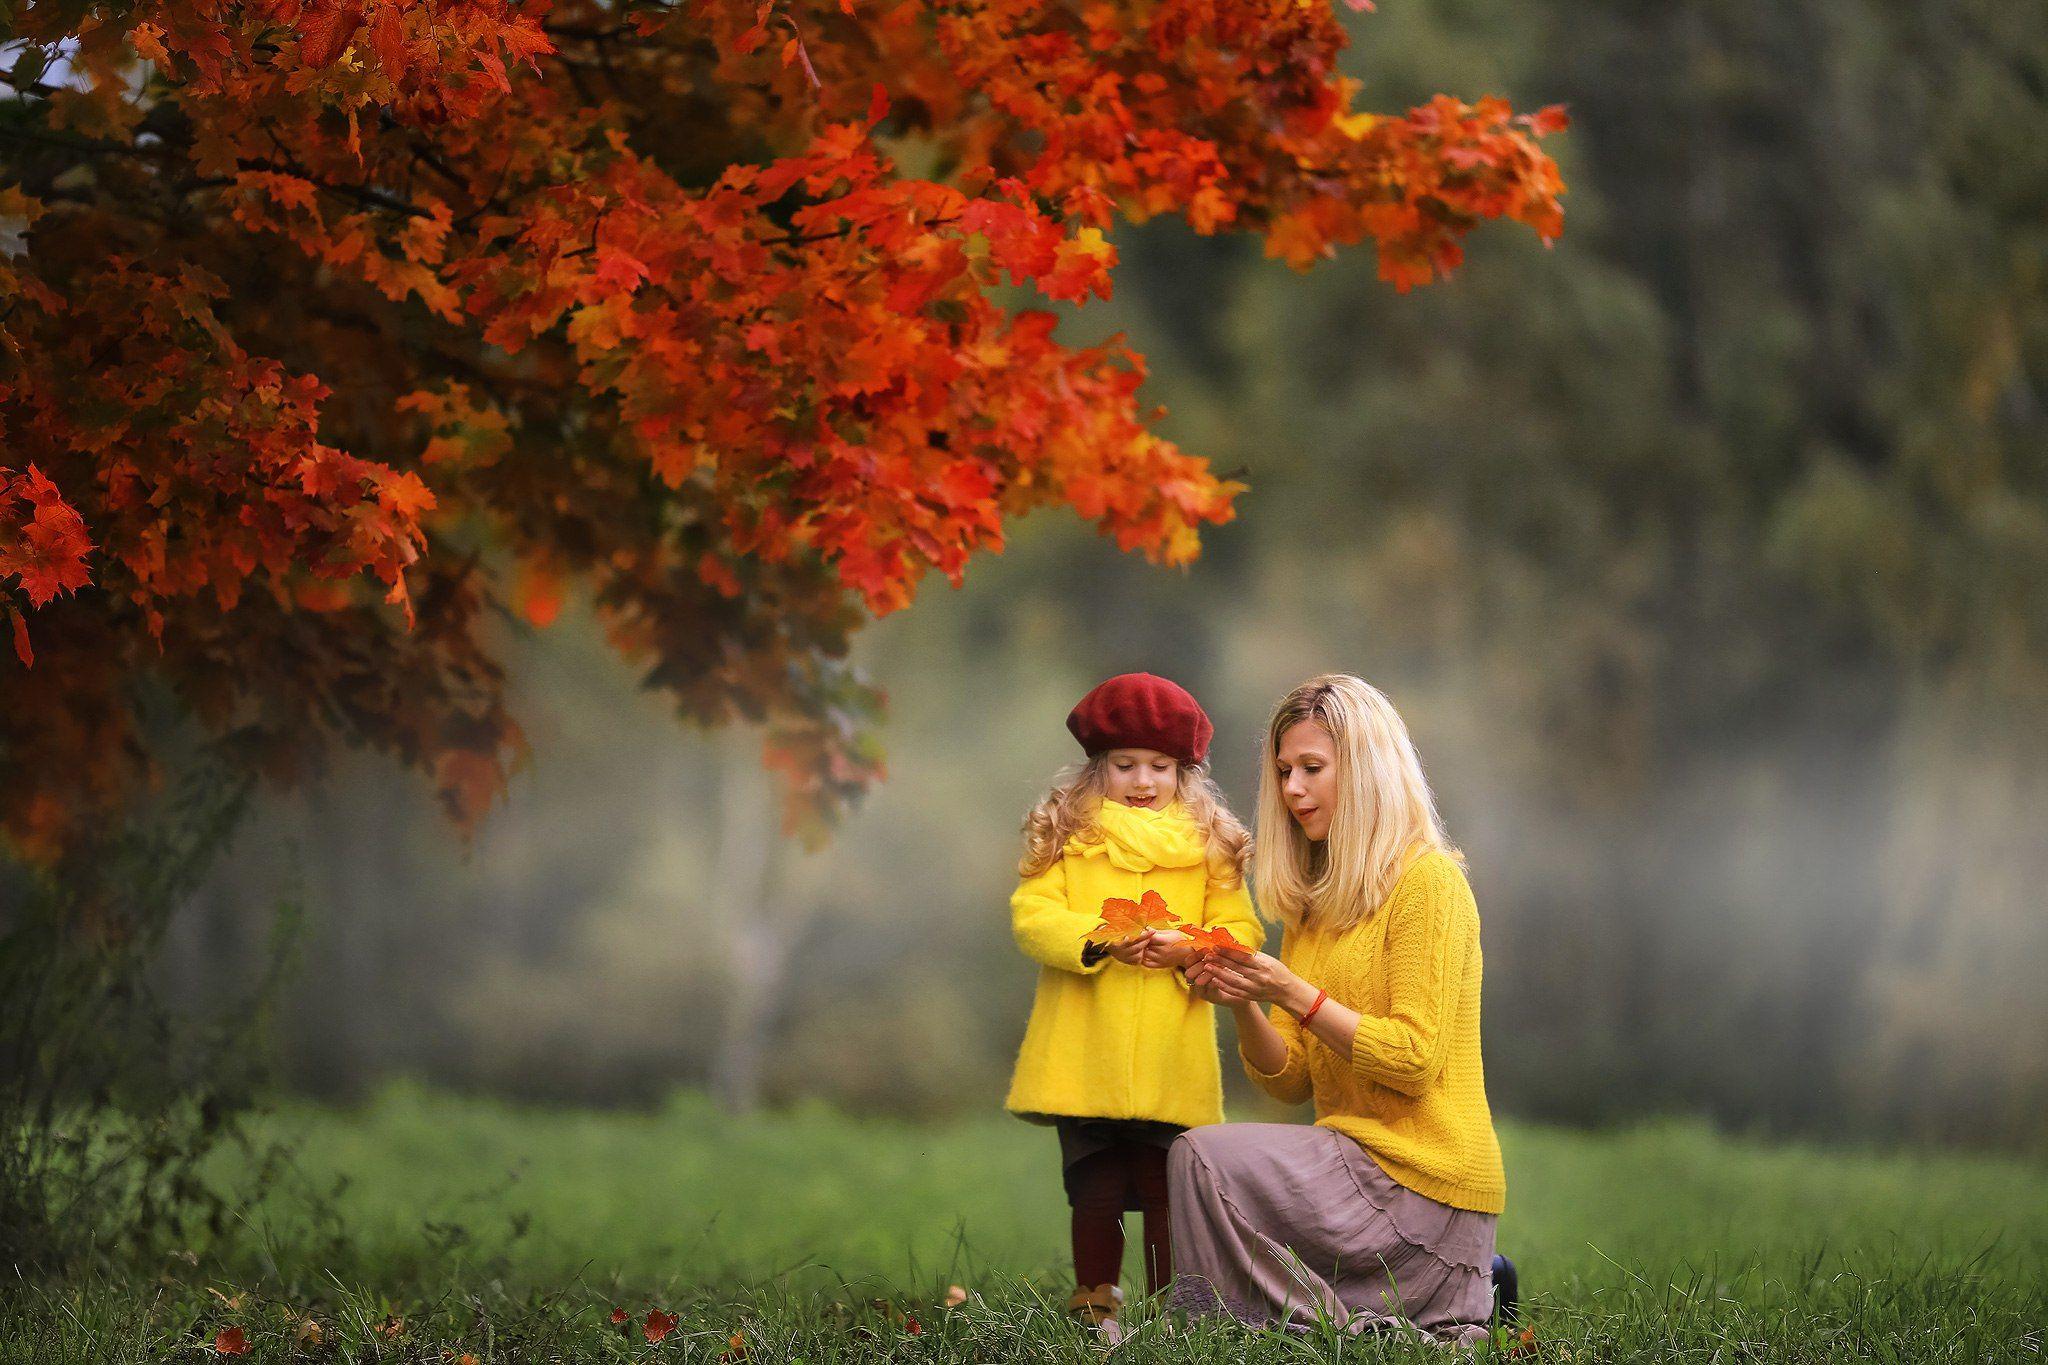 ценный идеи осенней фотосессии с детьми на улице достаточно часто